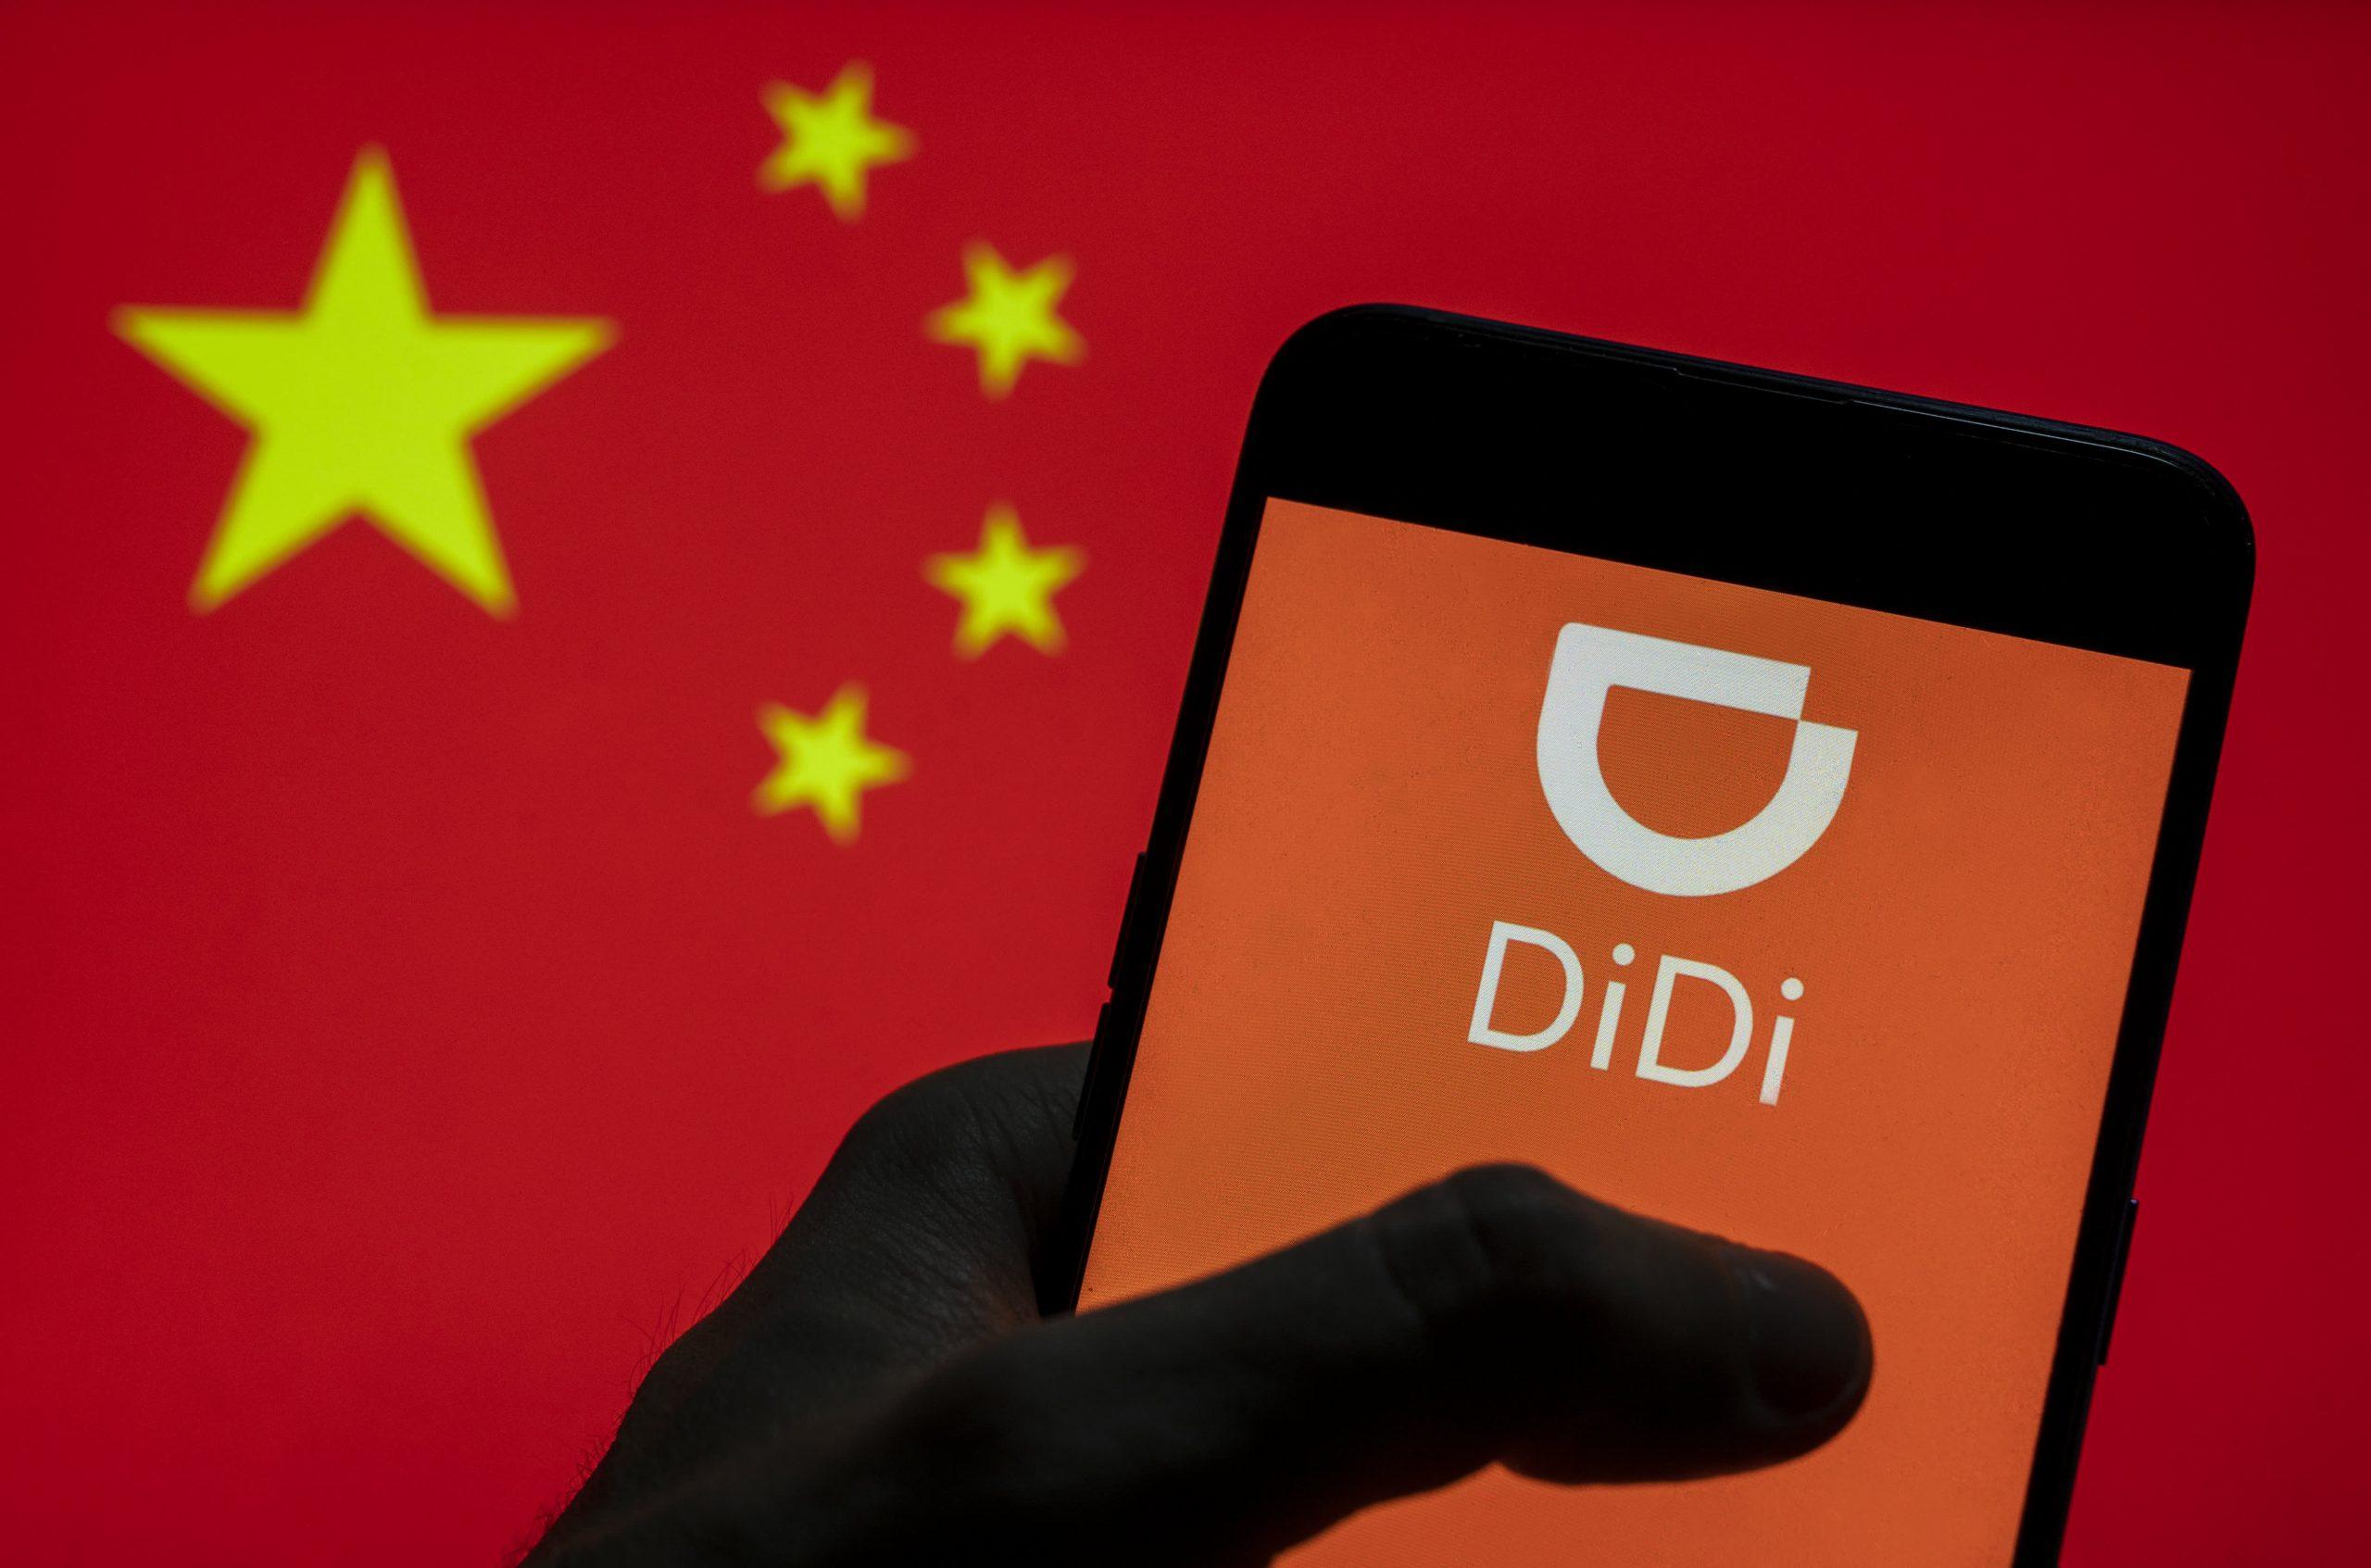 Las acciones de Didi caen tras el informe de que China está planeando sanciones sin precedentes